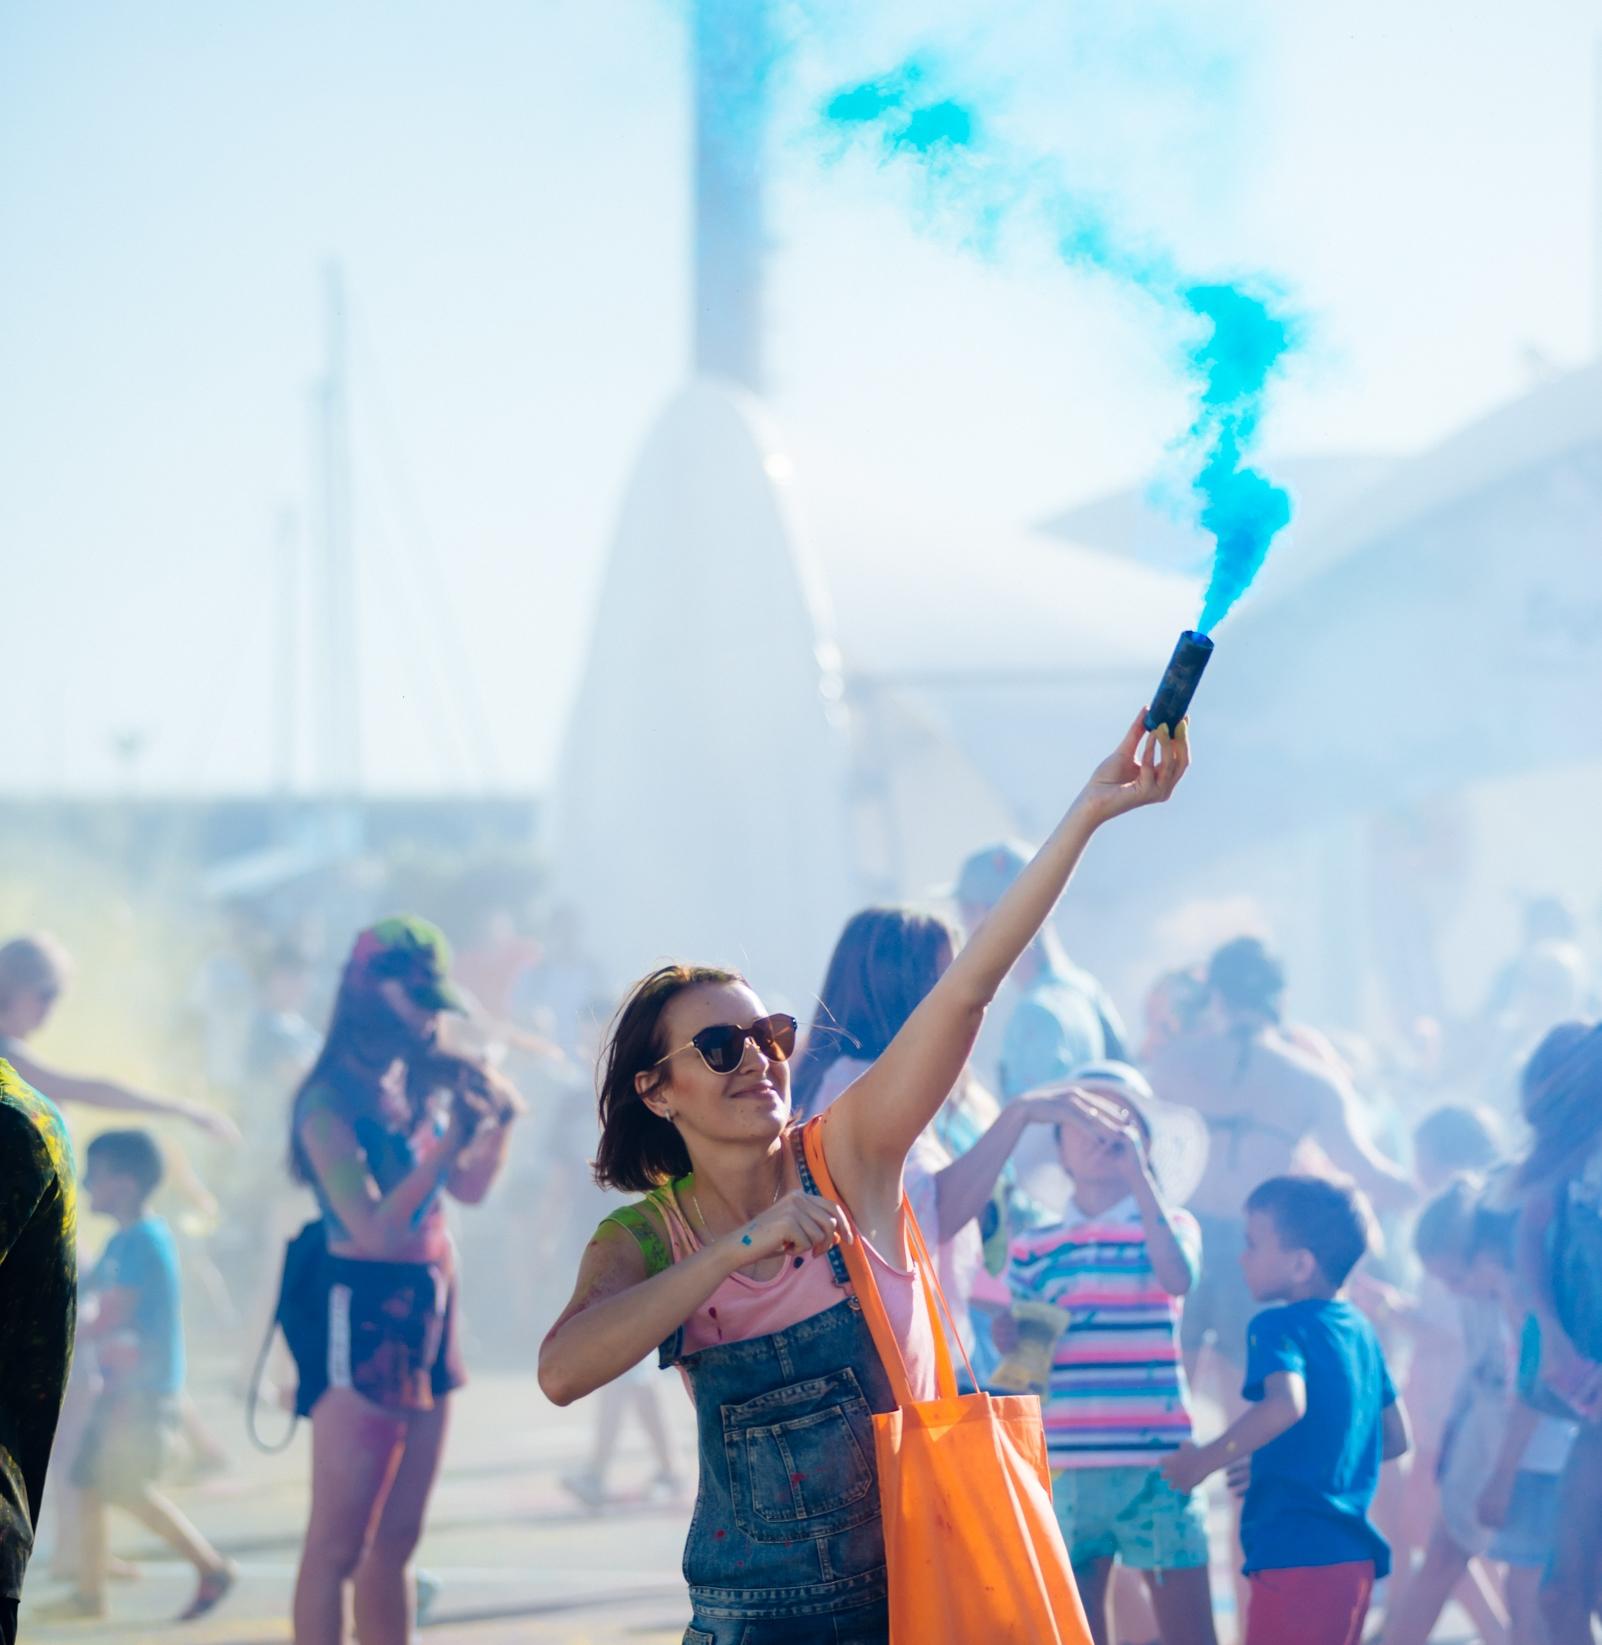 18 августа в гостиничном комплексе «Имеретинский» для всех гостей и жителей сочи состоится фестиваль красок Холи